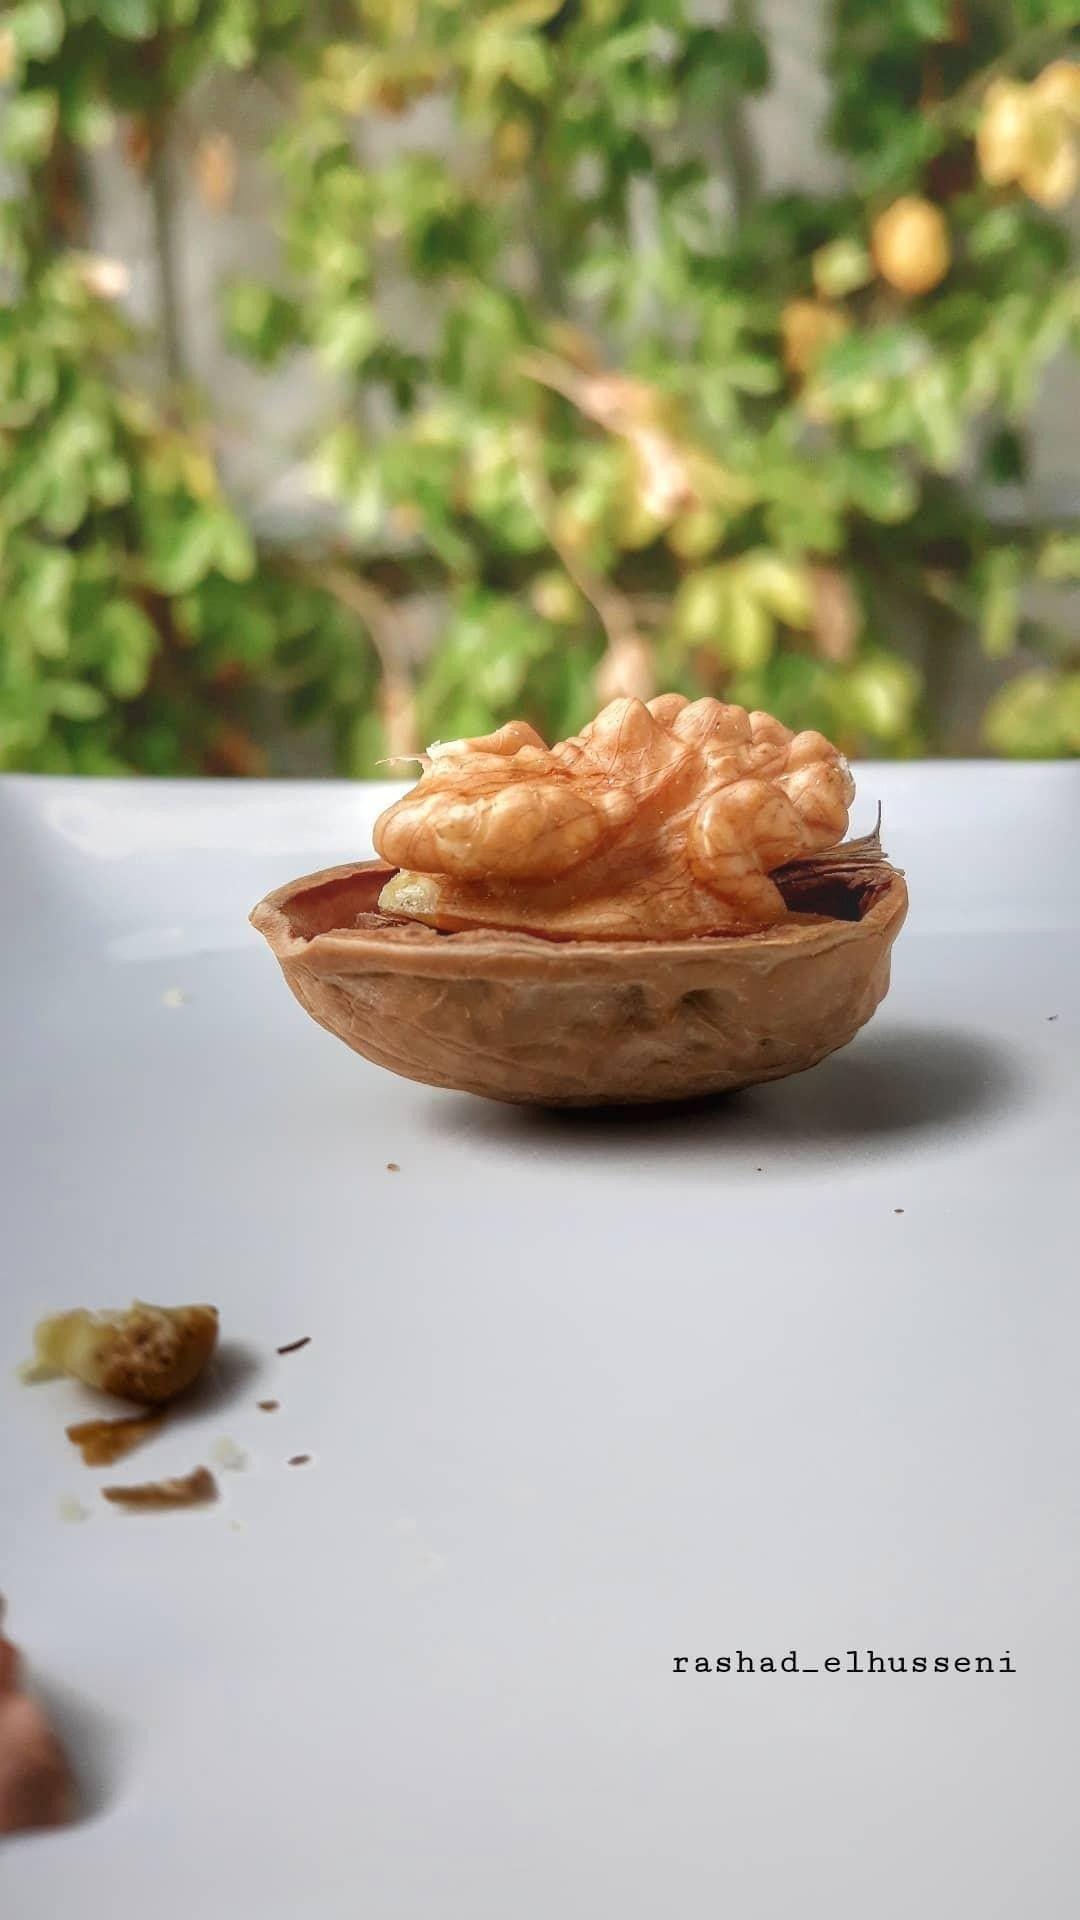 طبخ طعام اكل شواية طبخي مطبخ طبيخ كبسة رز هندي بخاري مندي حلا كيك كعكة طباخ مطبخي